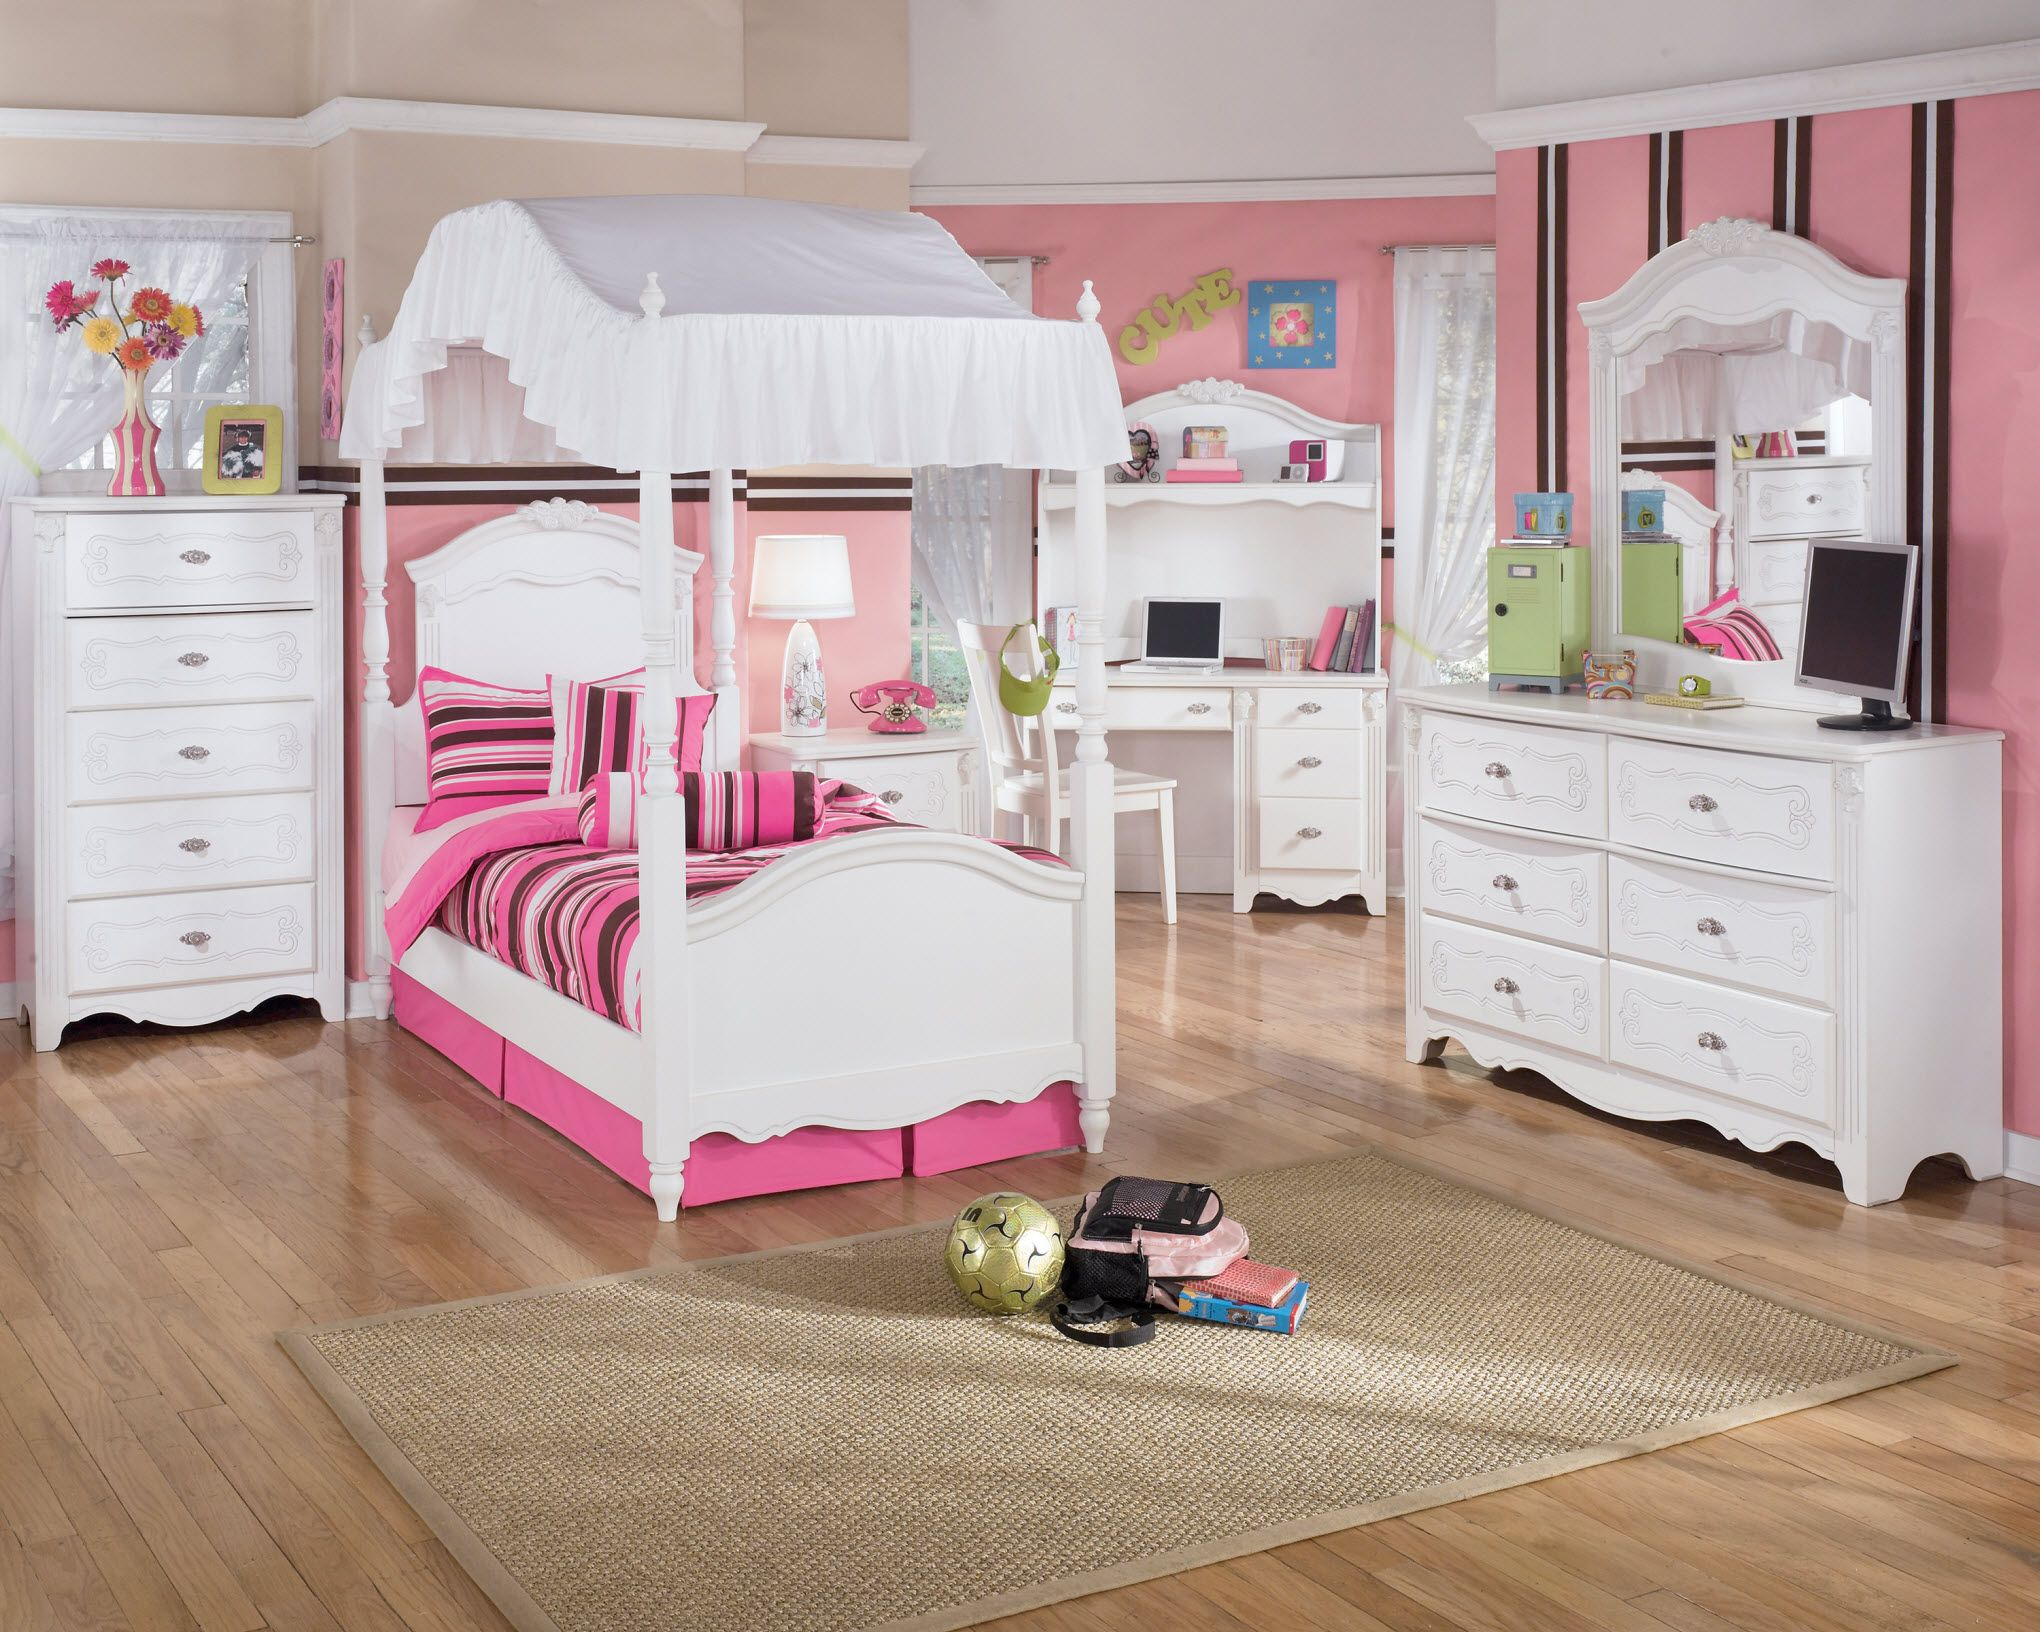 Full Size of Mädchenbetten Nette Betten Fr Schlafzimmer Einrichten Wohnzimmer Mädchenbetten